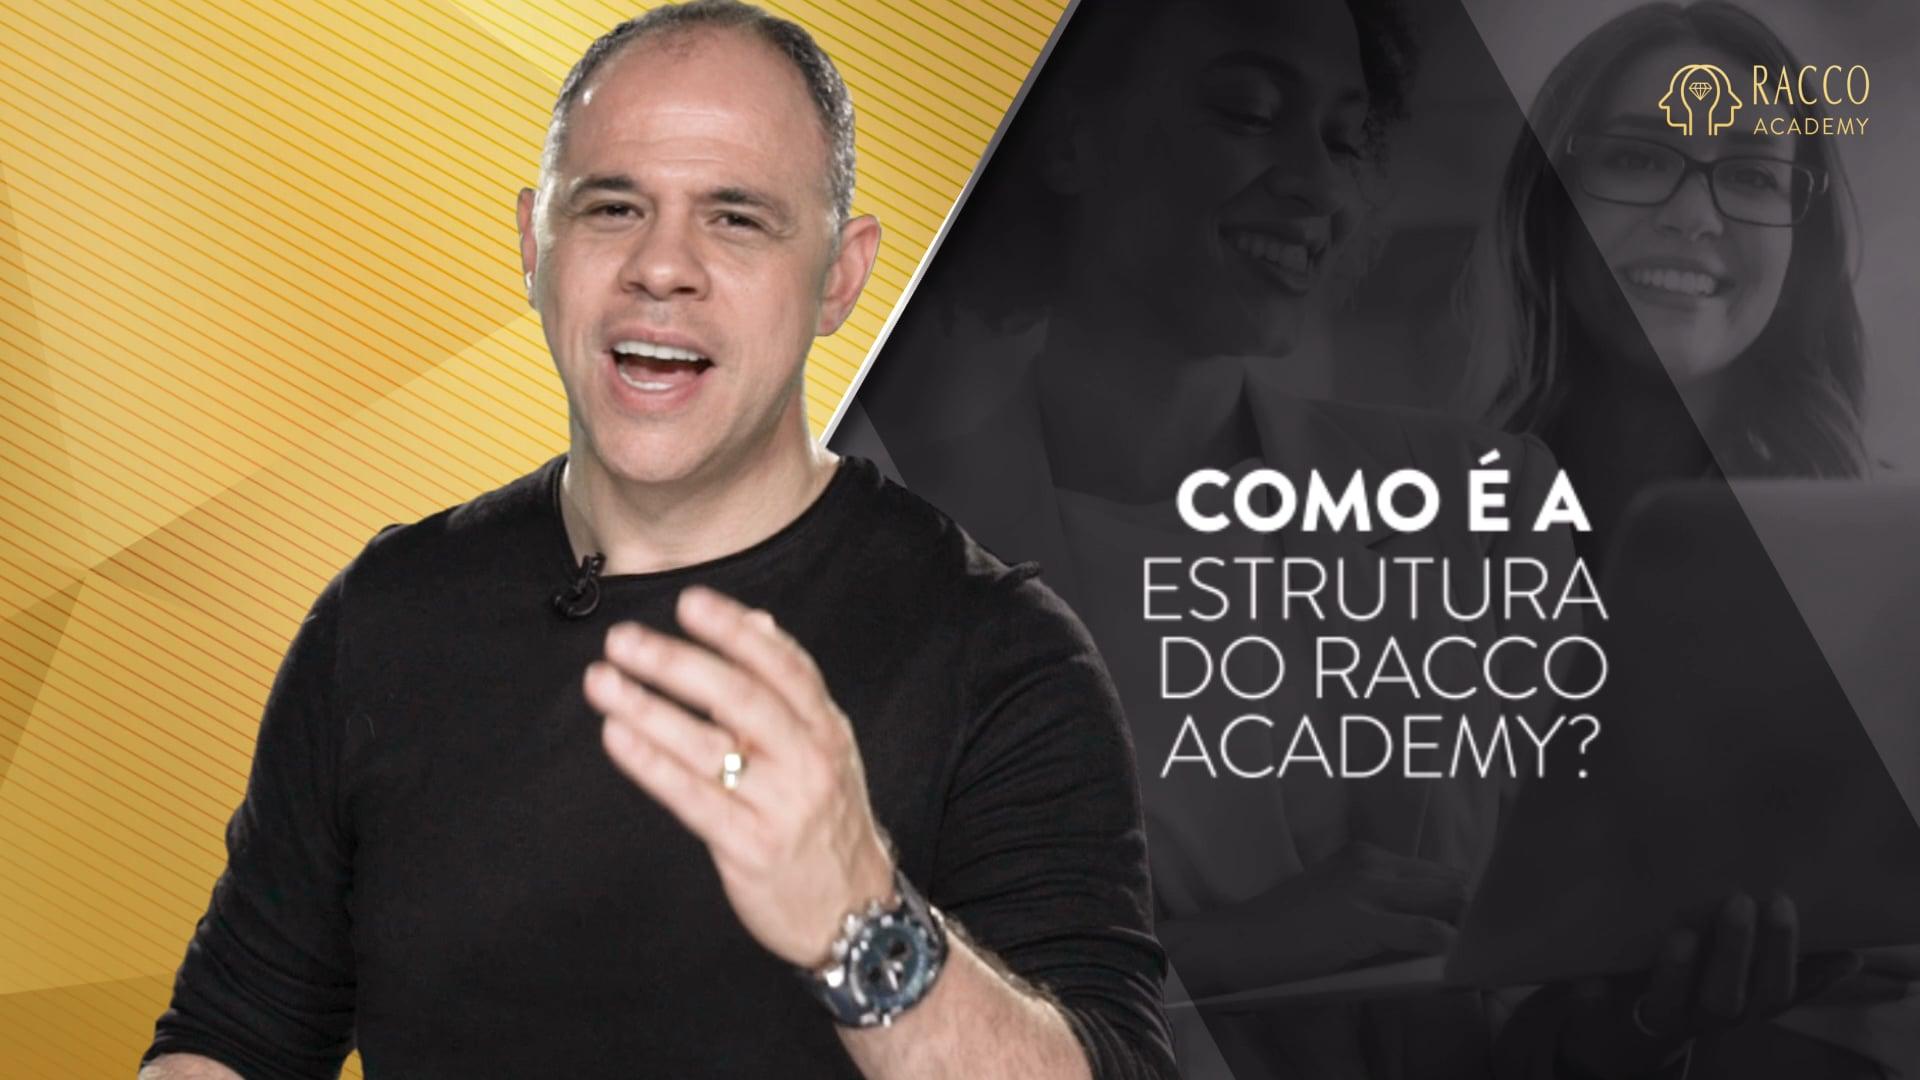 #09 - Como é a estrutura básica do Racco Academy